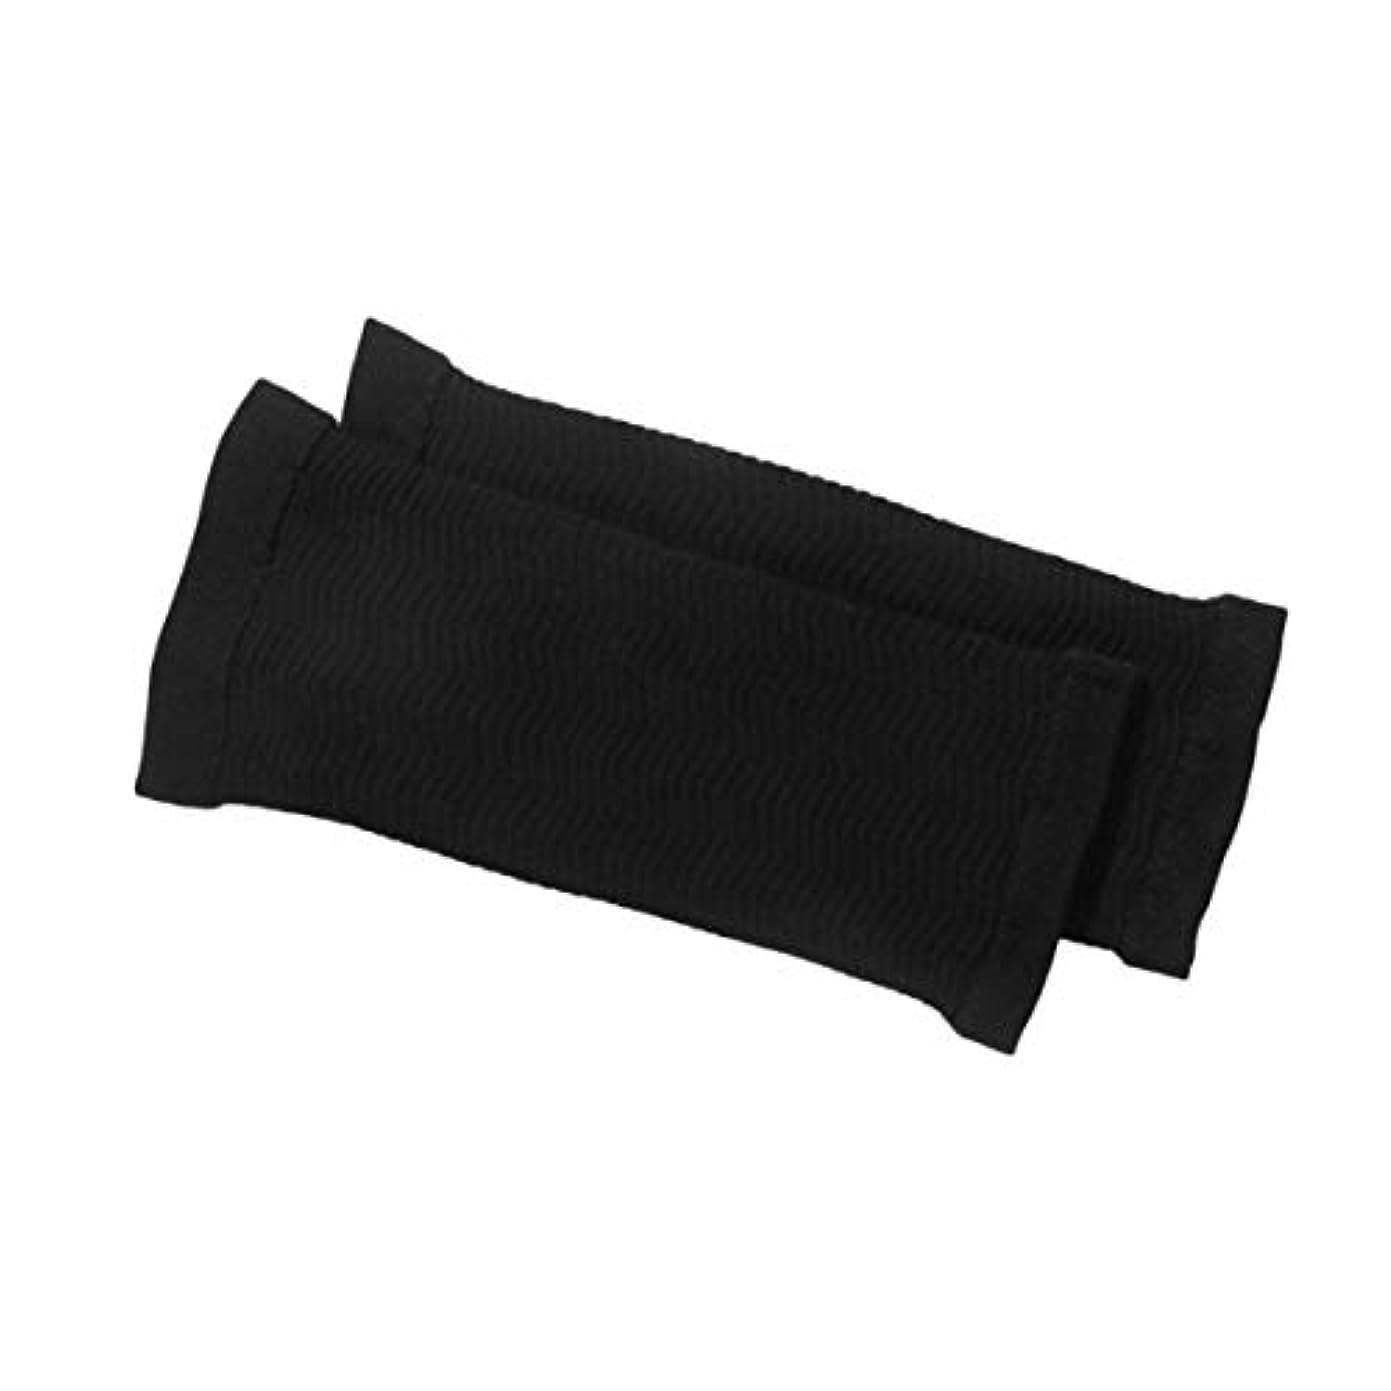 弁護人なぜなら魅了する1ペア420 D圧縮痩身アームスリーブワークアウトトーニングバーンセルライトシェイパー脂肪燃焼袖用女性 - 黒